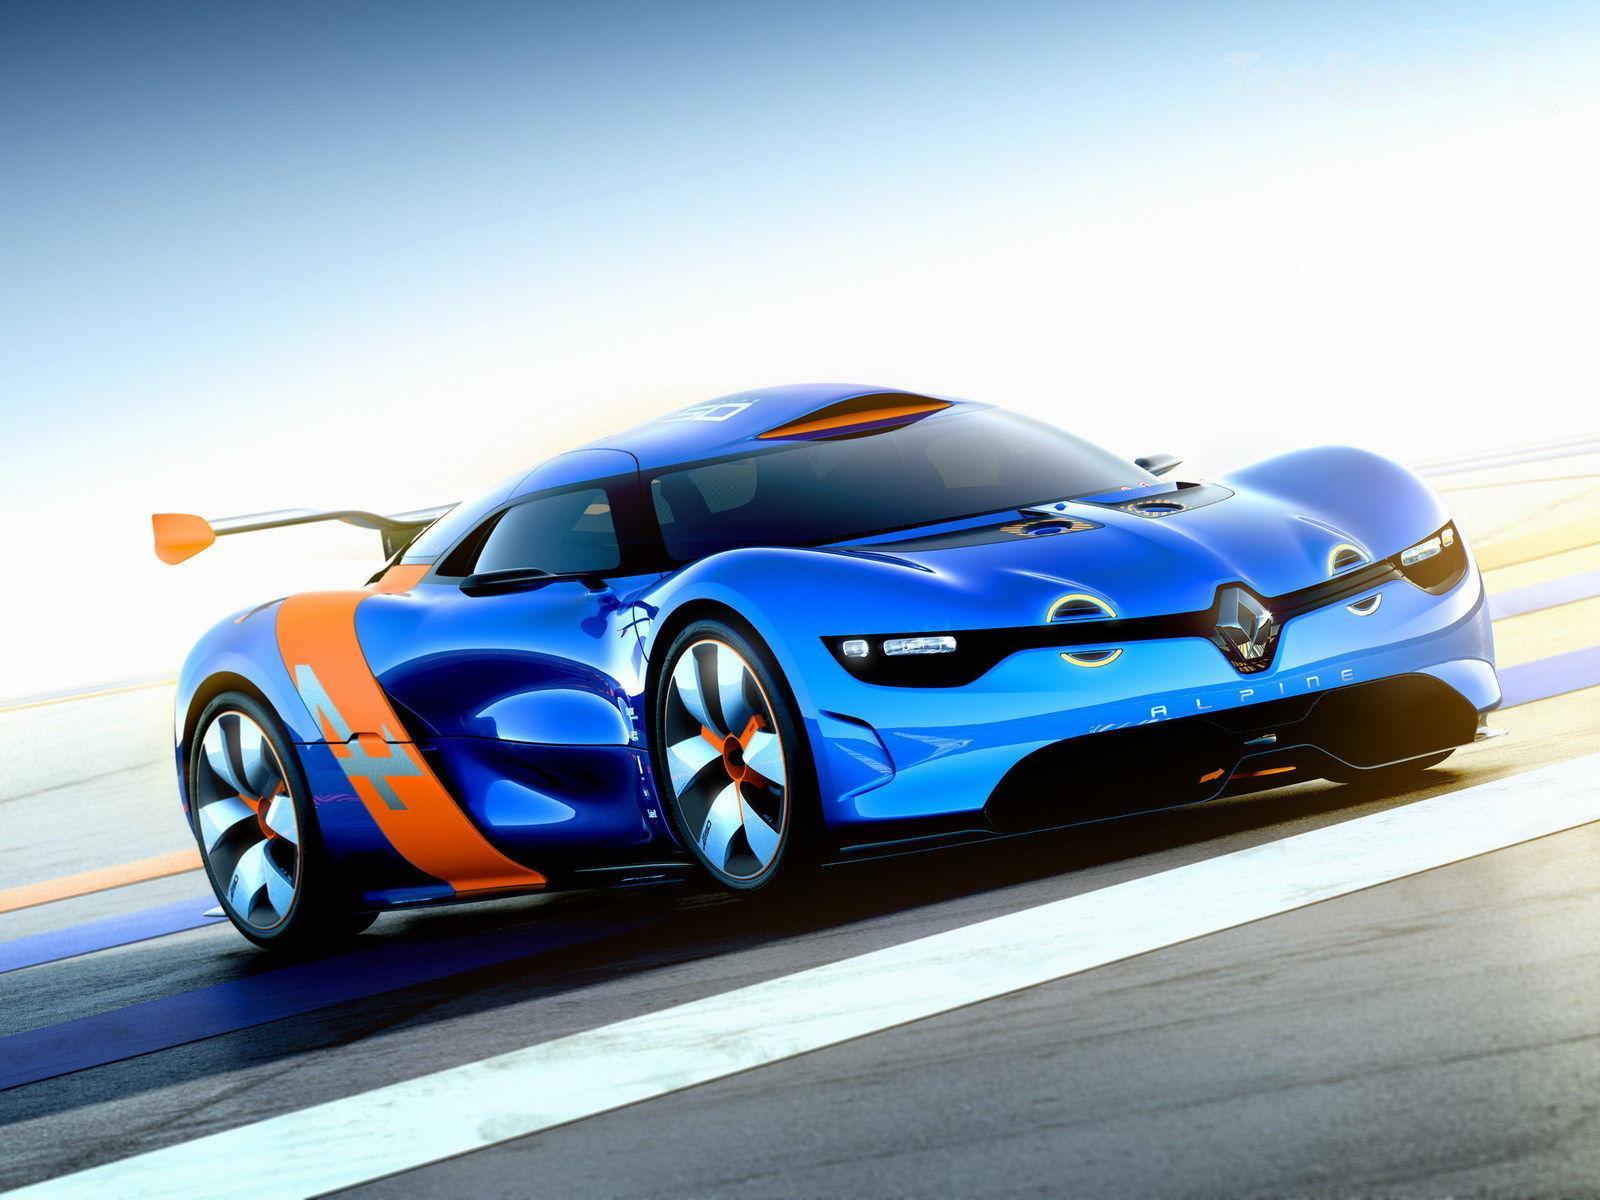 a car Renault Alpine vai chegar em 2015